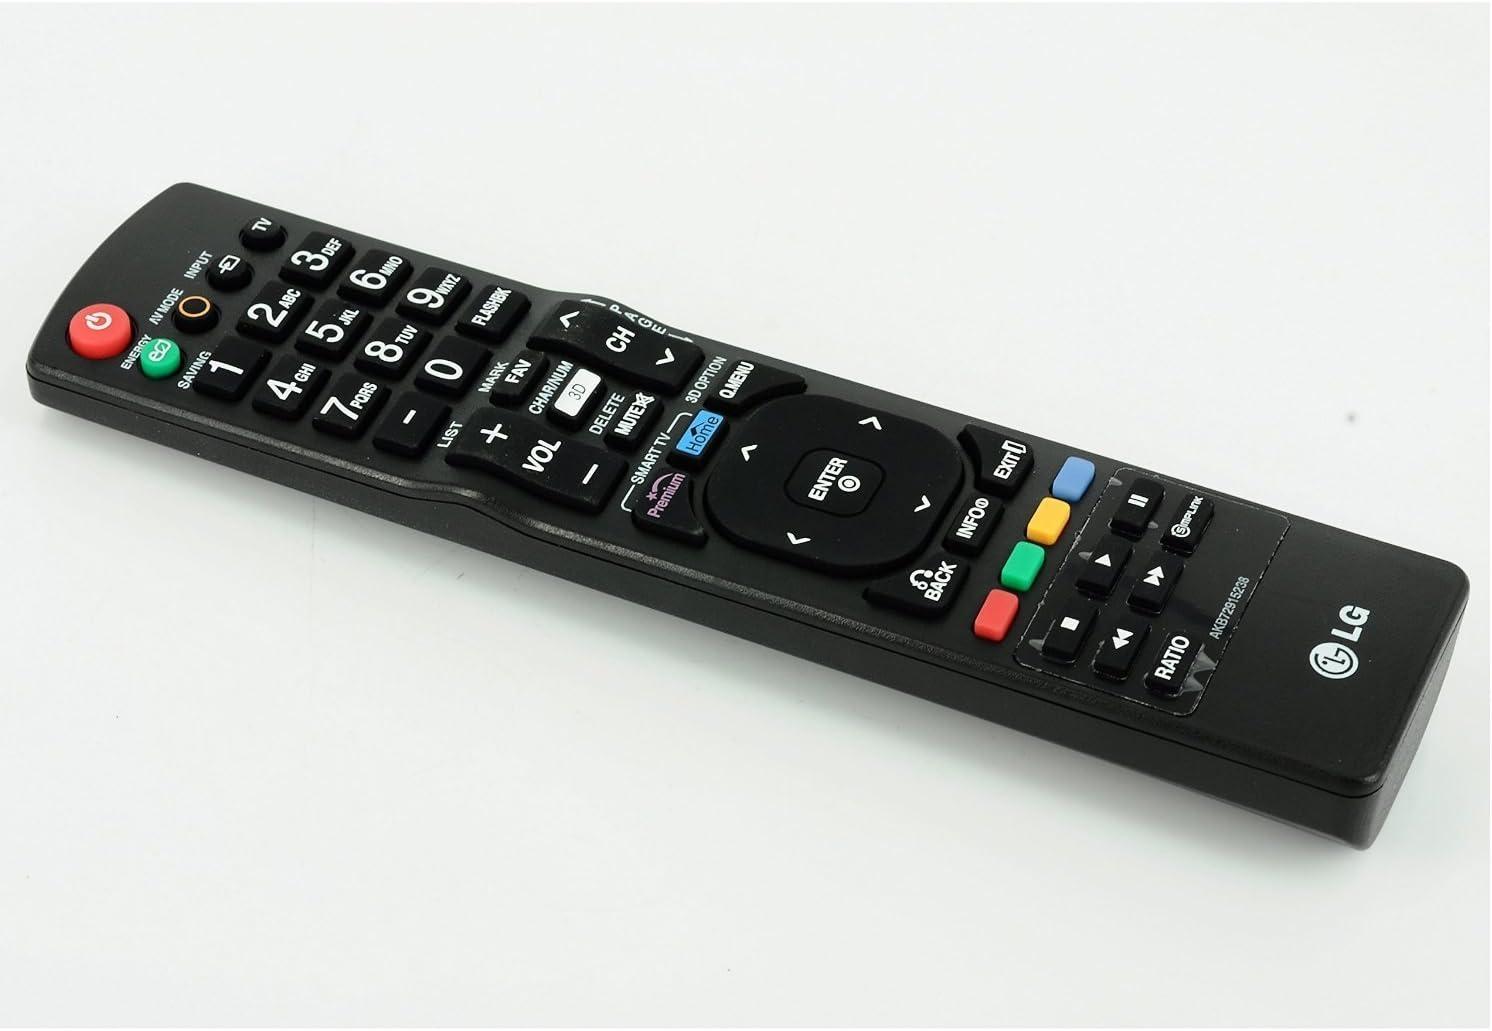 populsell Control Remoto akb72915238 Repuestos para LG 3d Smart TV 47lb5800 47lb6100 50lb6100 55lb6100ug 55ub8200 60lb6100 65lb6190 65ub9200 39lb5800ug 55lb6100 32lb580b 32lb5800 39lb5800 42lb5800 50lb5800 55lb5800: Amazon.es: Electrónica